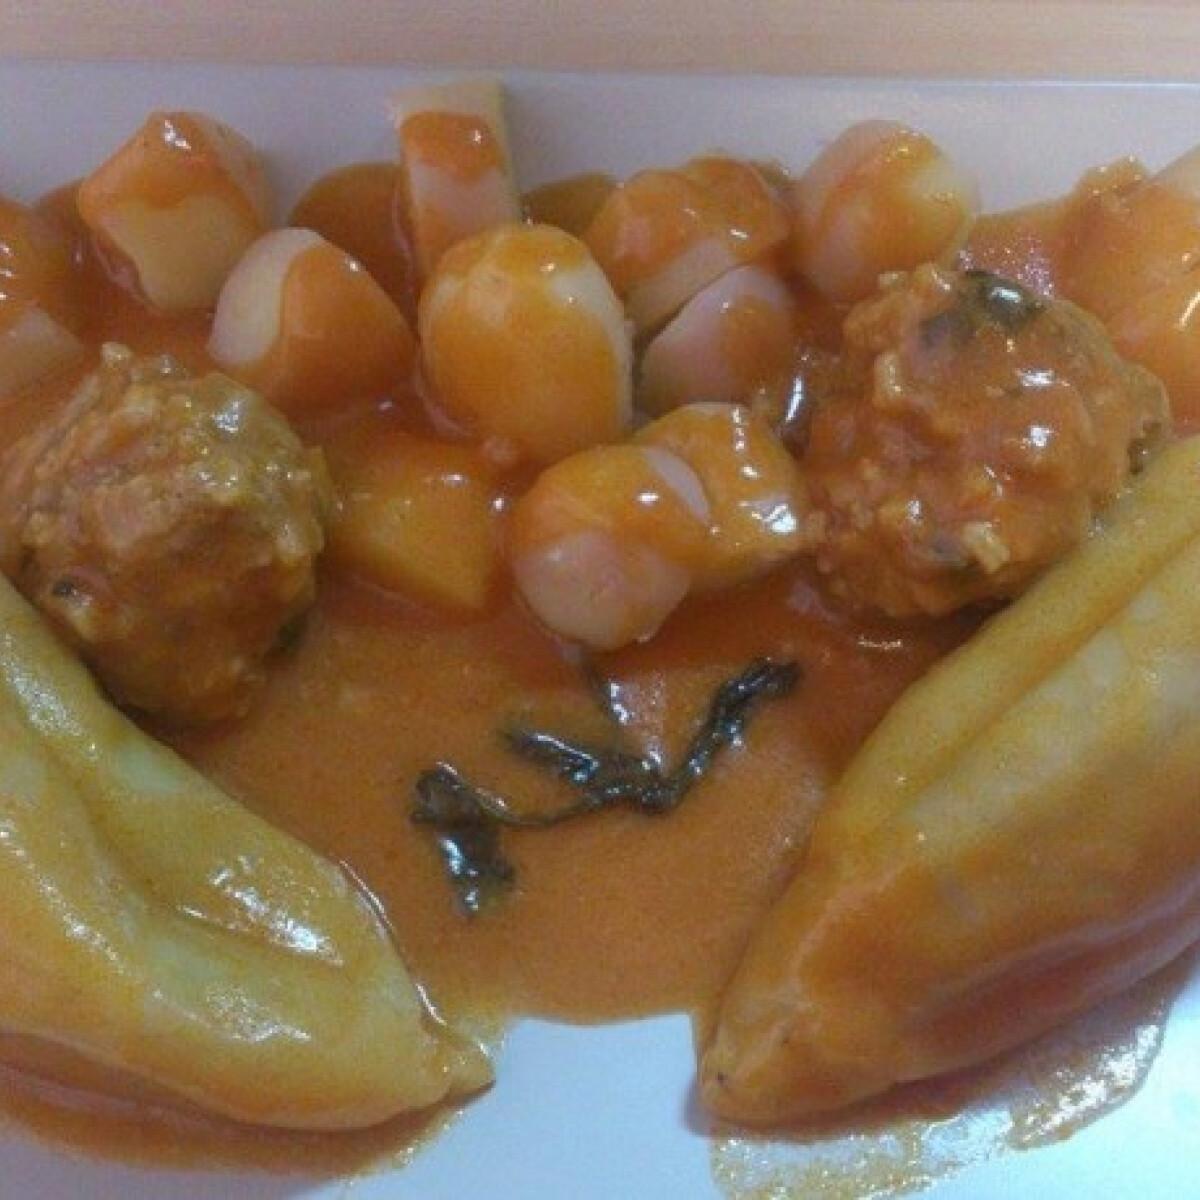 Ezen a képen: Töltött paprika főtt krumplival